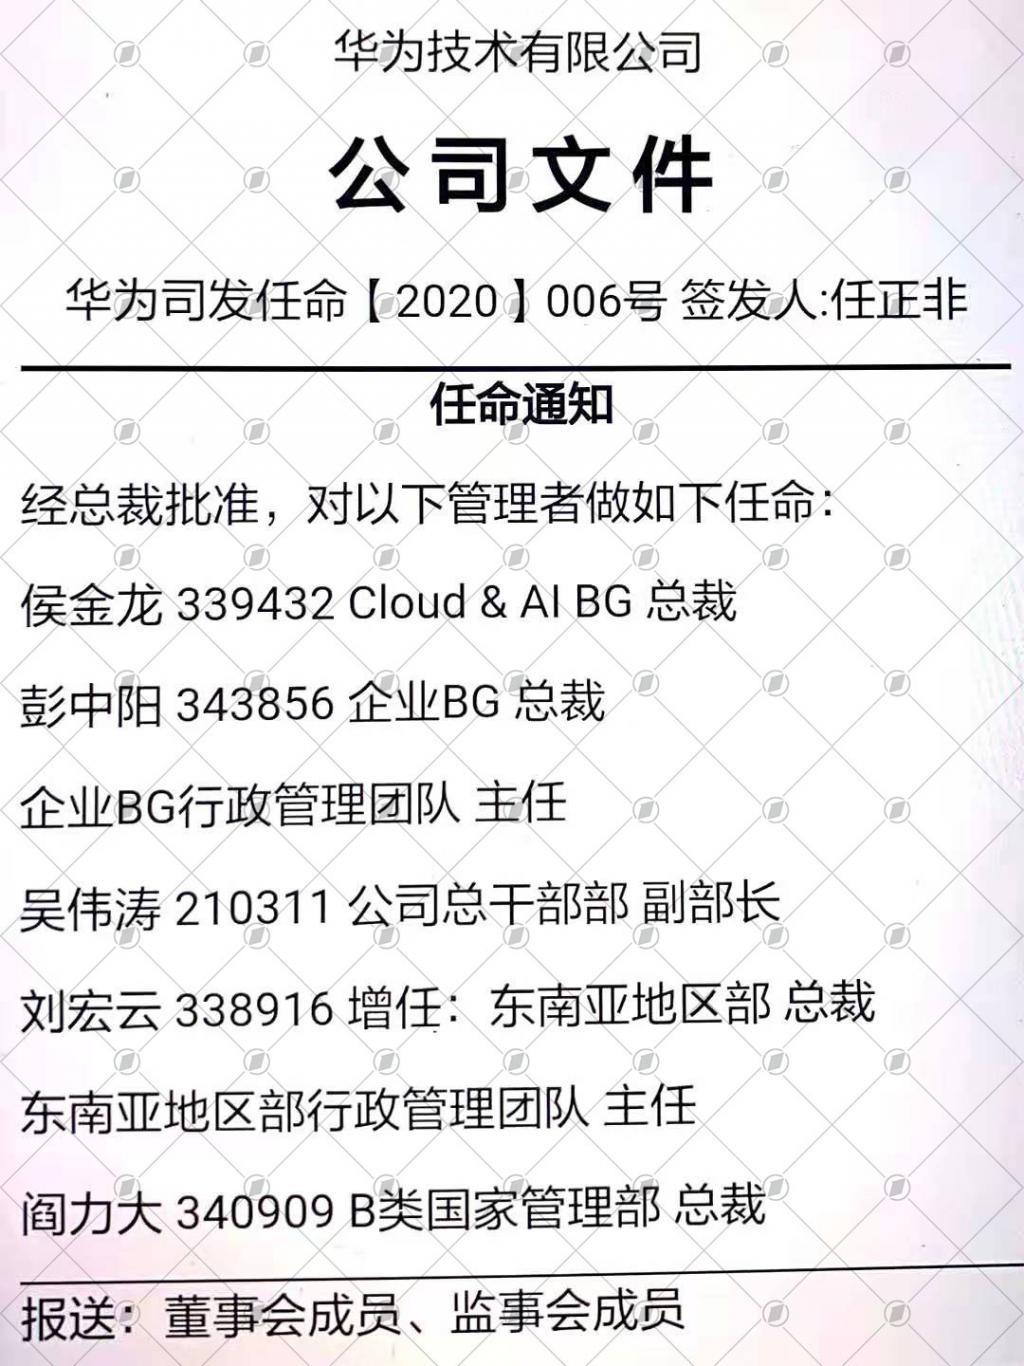 http://www.reviewcode.cn/jiagousheji/112215.html